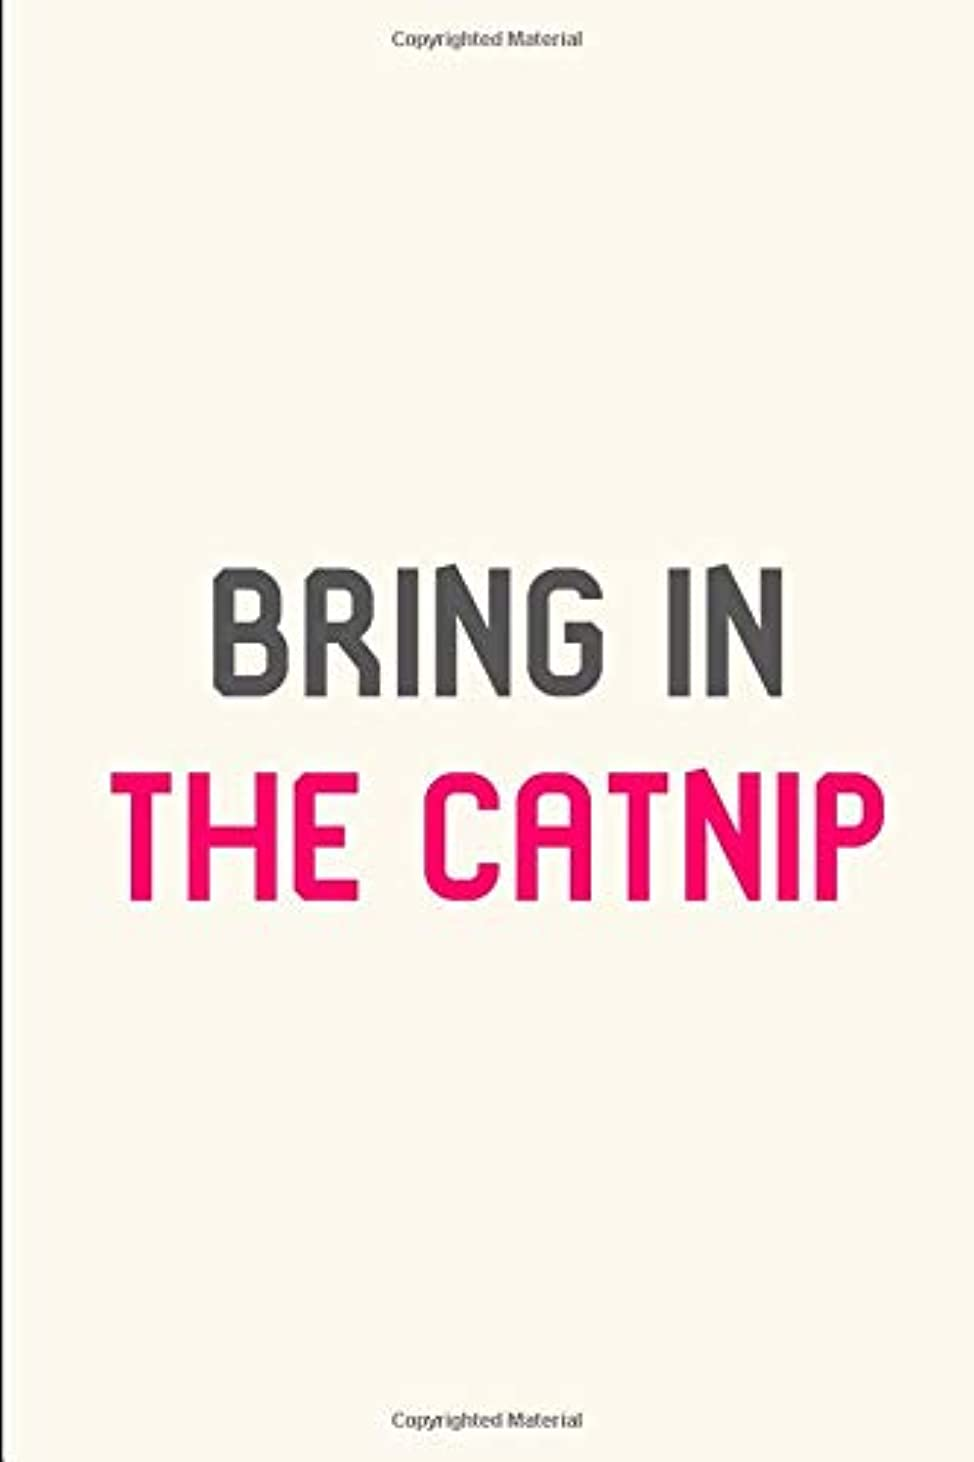 小麦粉光沢のある肺炎Bring in the Catnip Pet Stunt Quote Filmmakers College Ruled Notebook: Blank Lined Journal